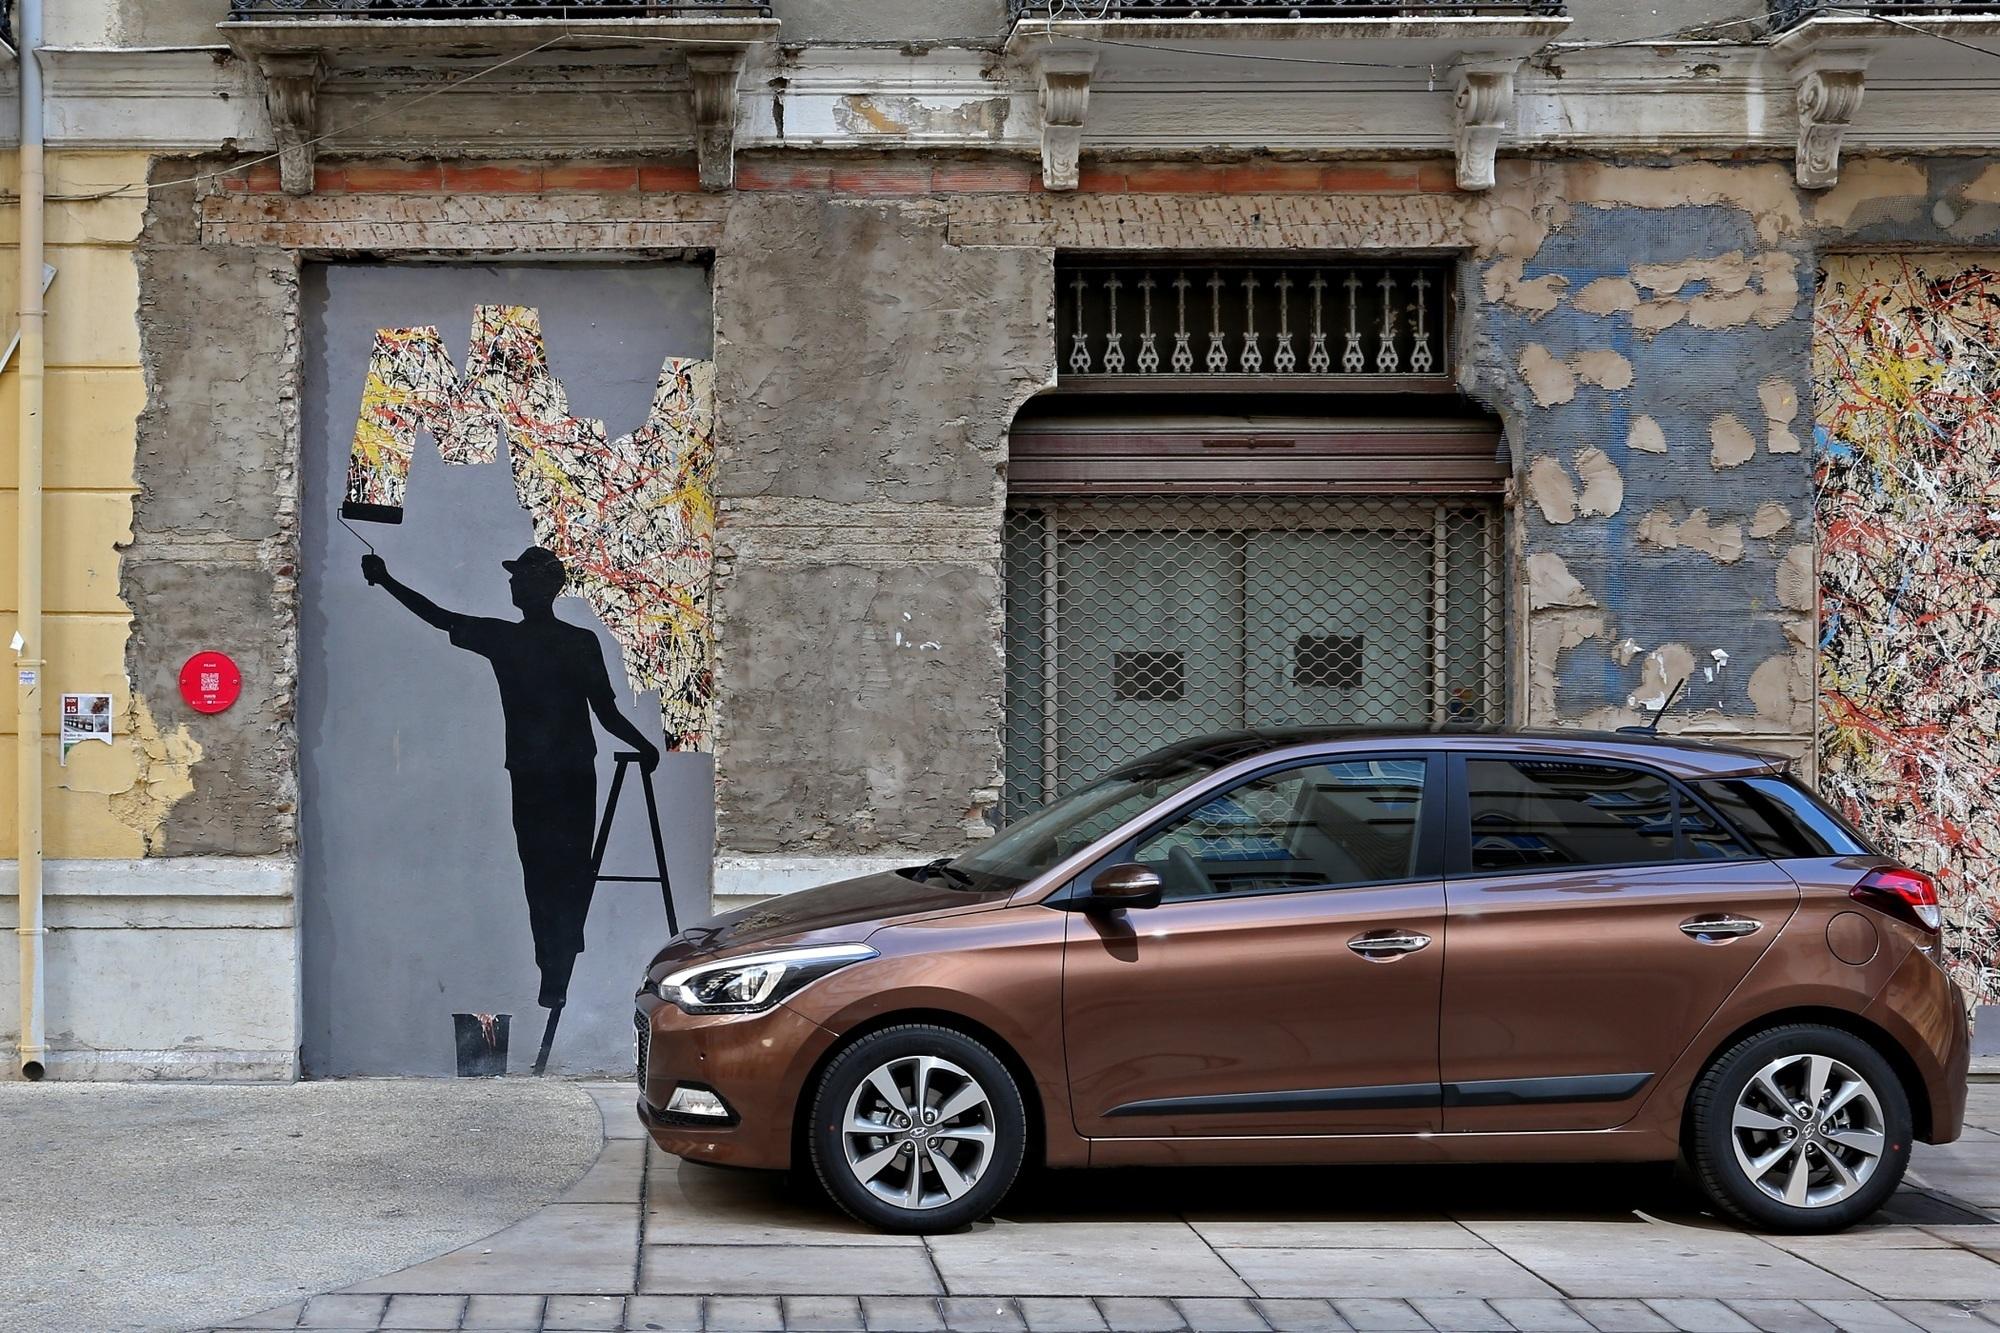 Fahrbericht: Hyundai i20 - Mit deutschen Tugenden